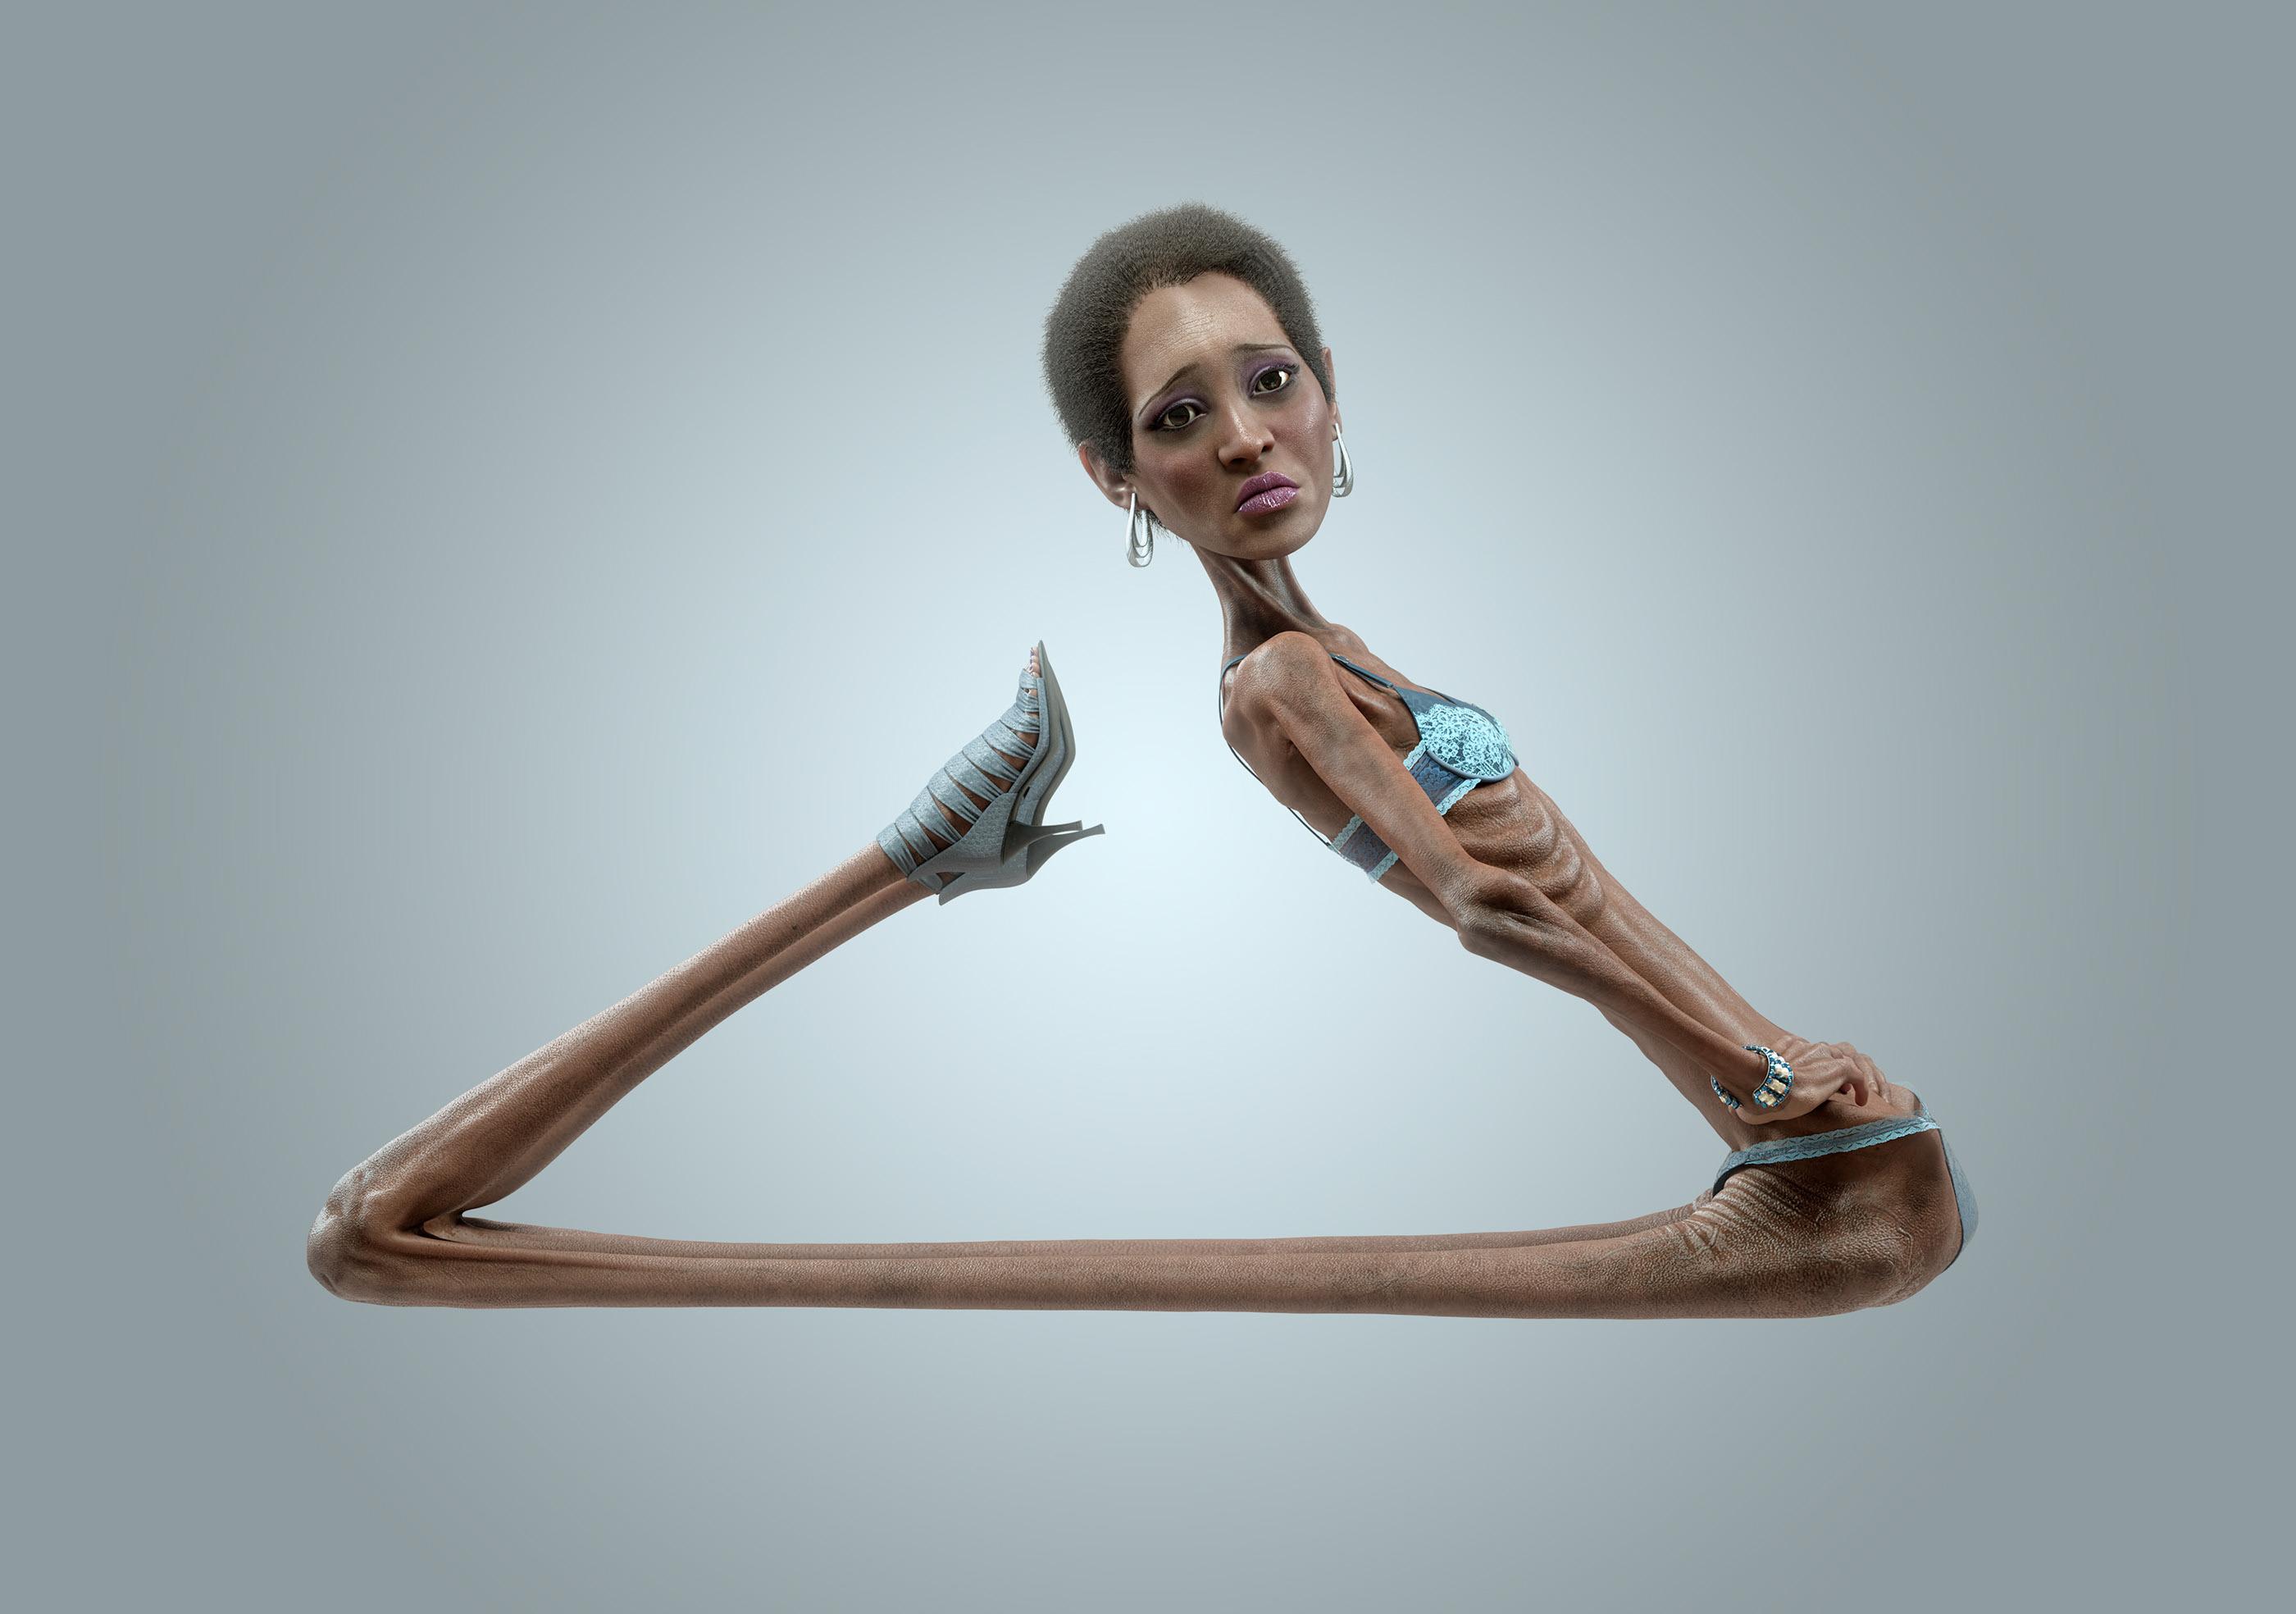 Февраля, прикольные картинки анорексии